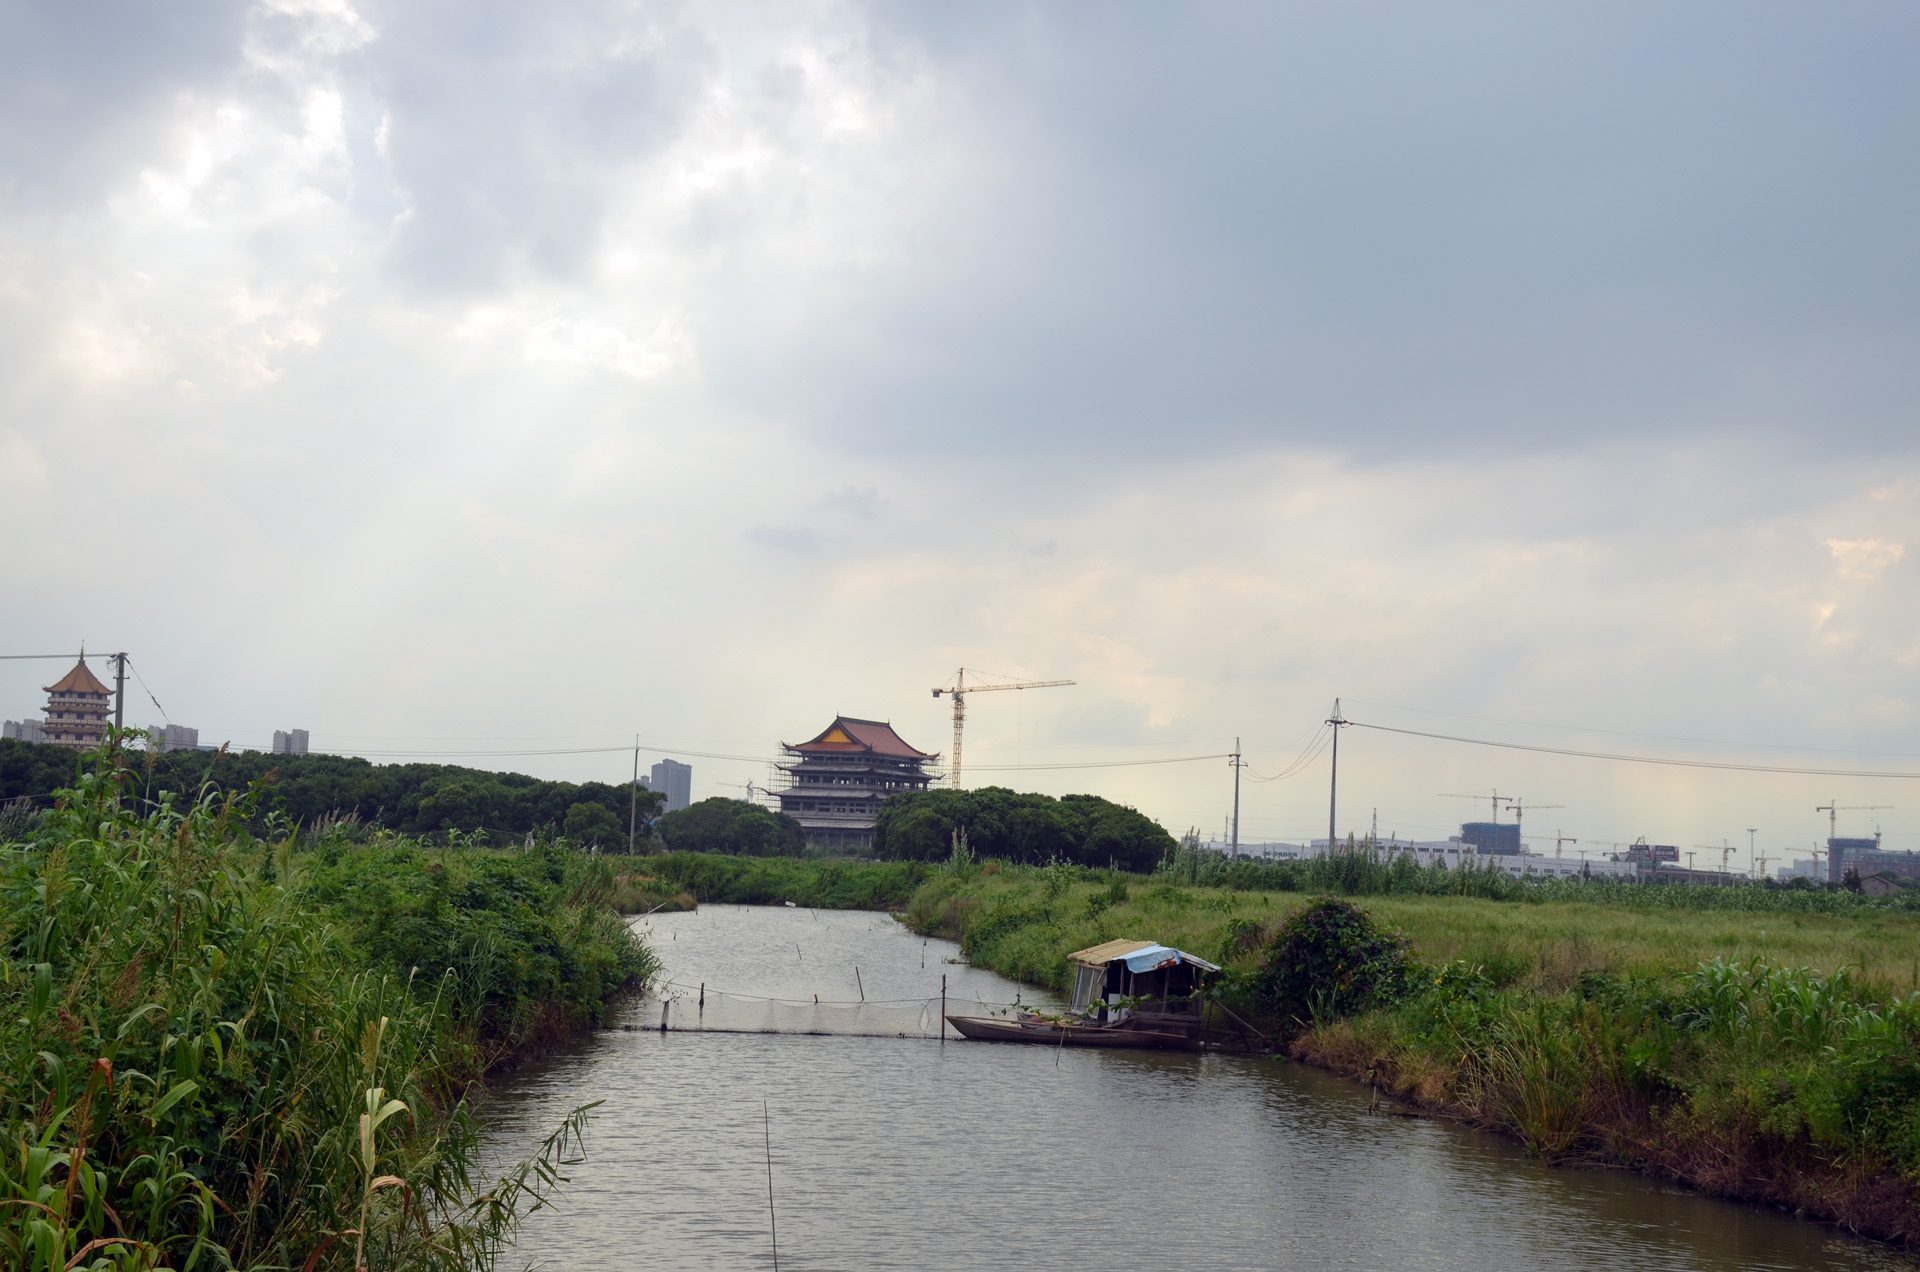 远景多角度太仓海天禅寺红庙的宏伟和江南缥缈正在建设的后殿 这里是太仓 摄影 第14张